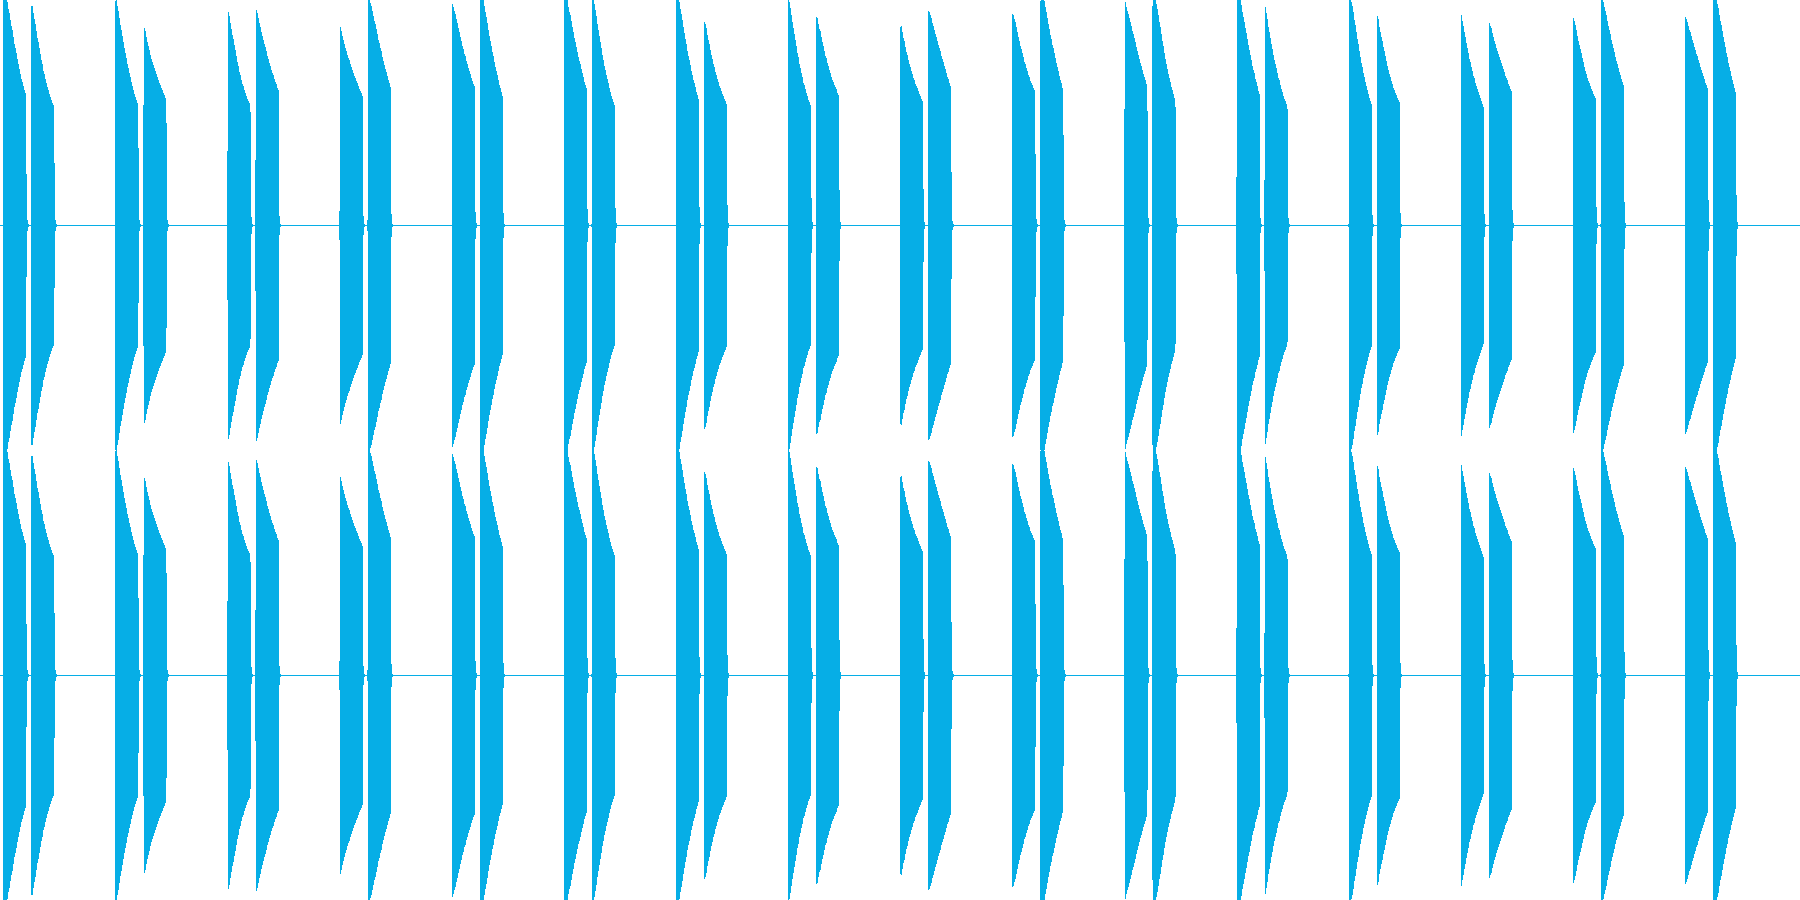 ピピッピピッ(大型車の右左折のアラート)の再生済みの波形